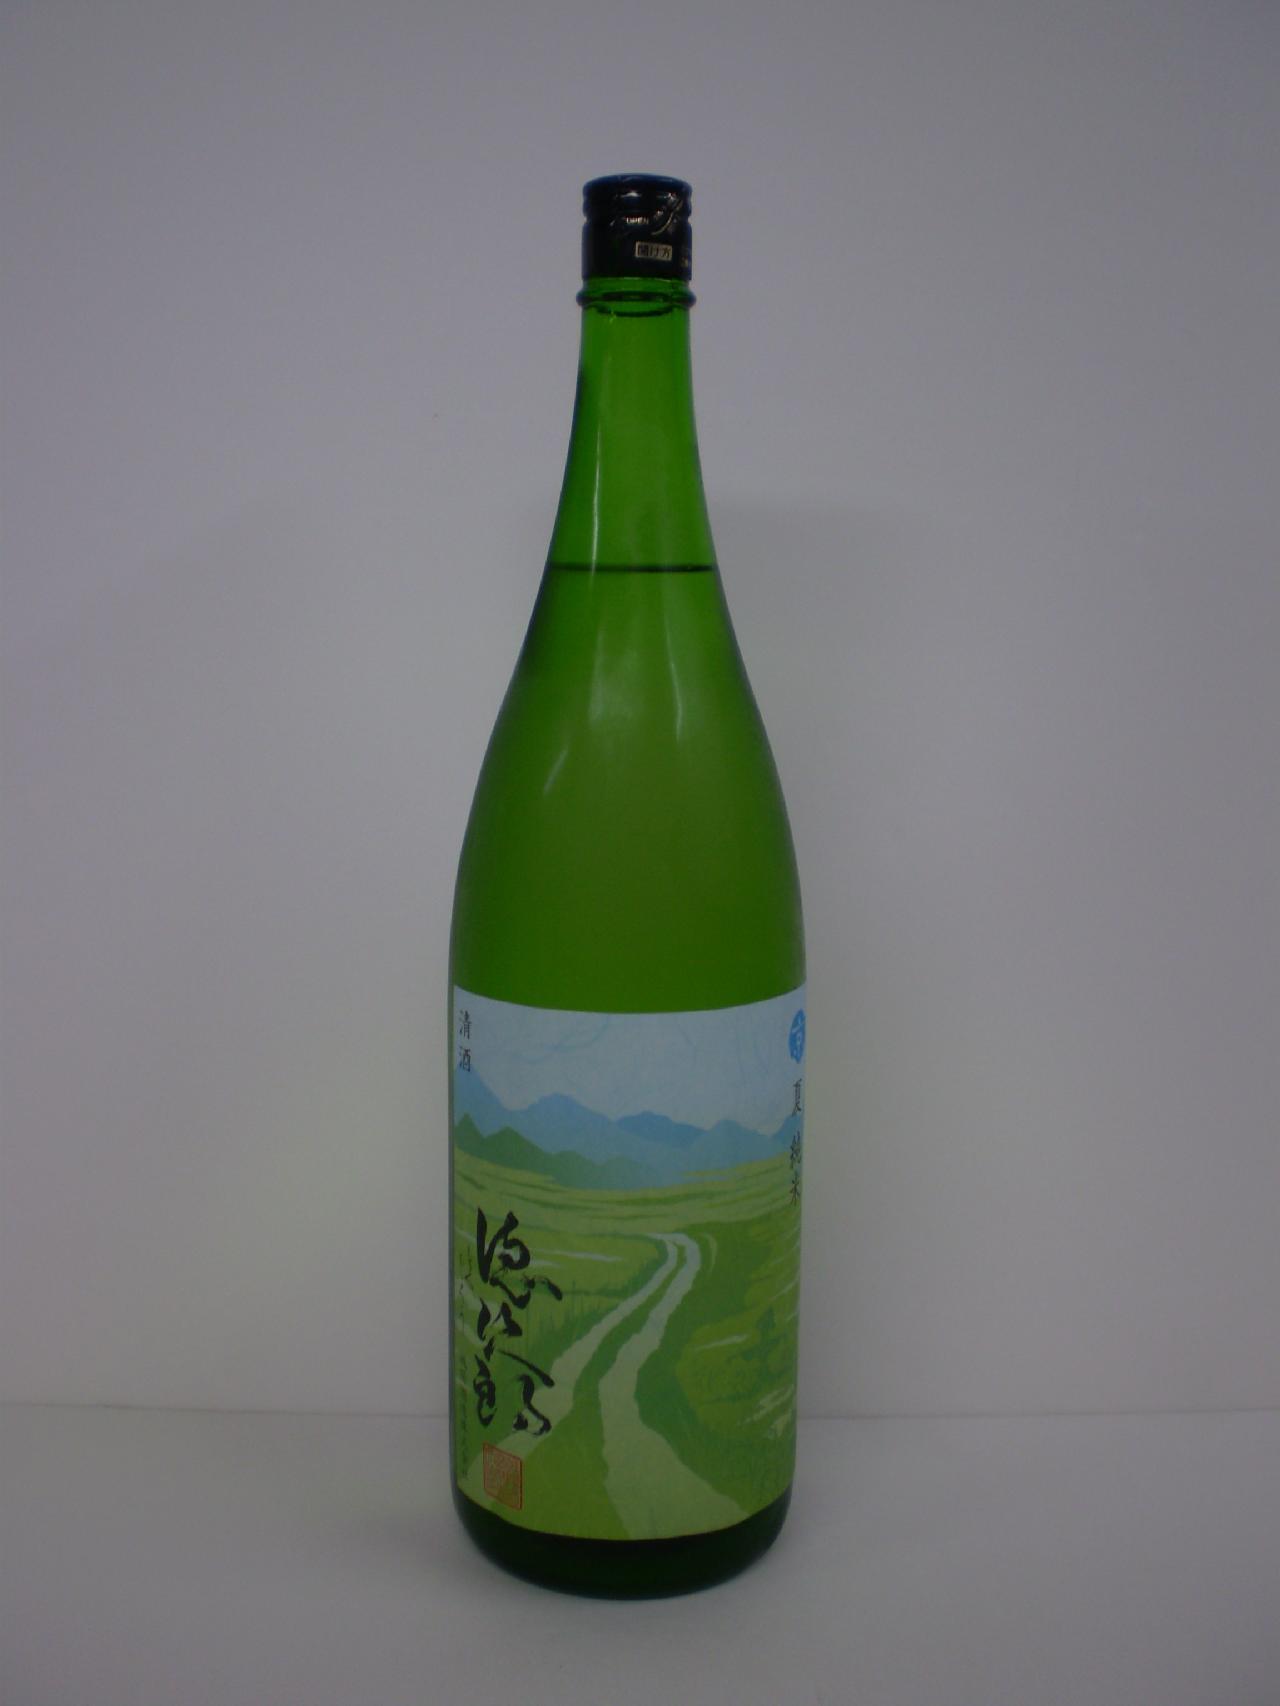 徳次郎 夏 純米 1800ml 城陽酒造